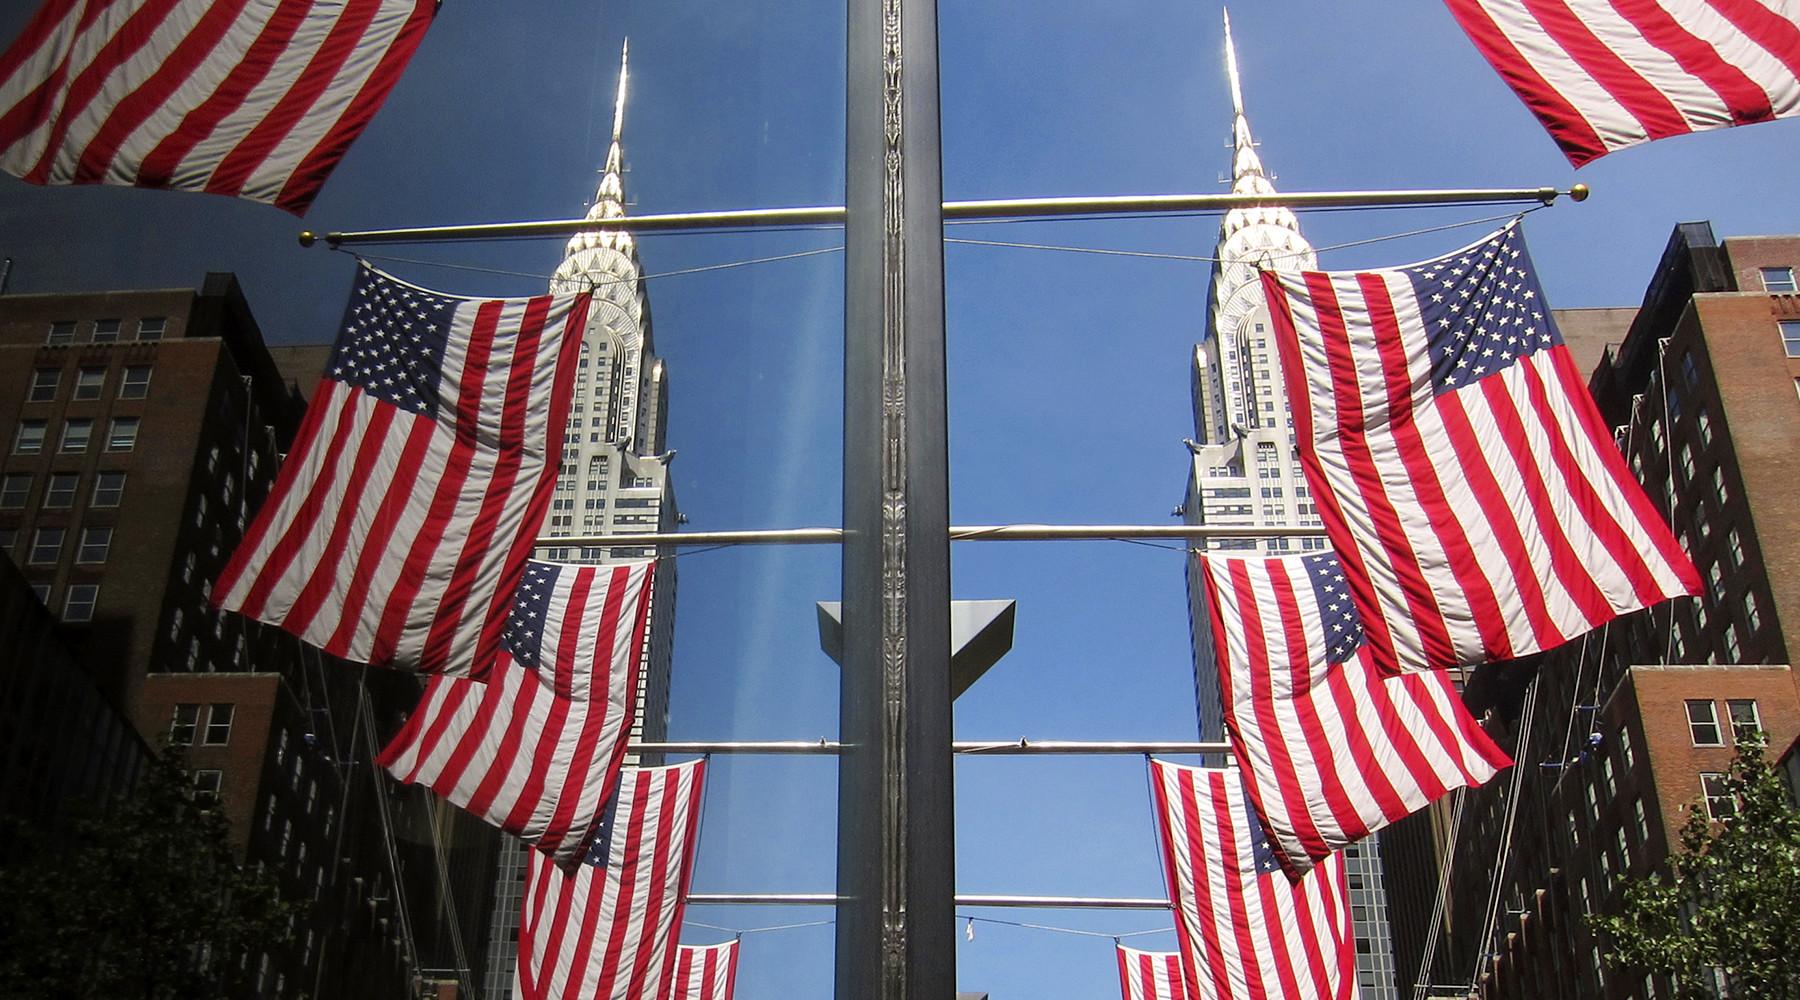 В конгрессе США  требуют закупать американские флаги, изготавливаемые только в Штатах